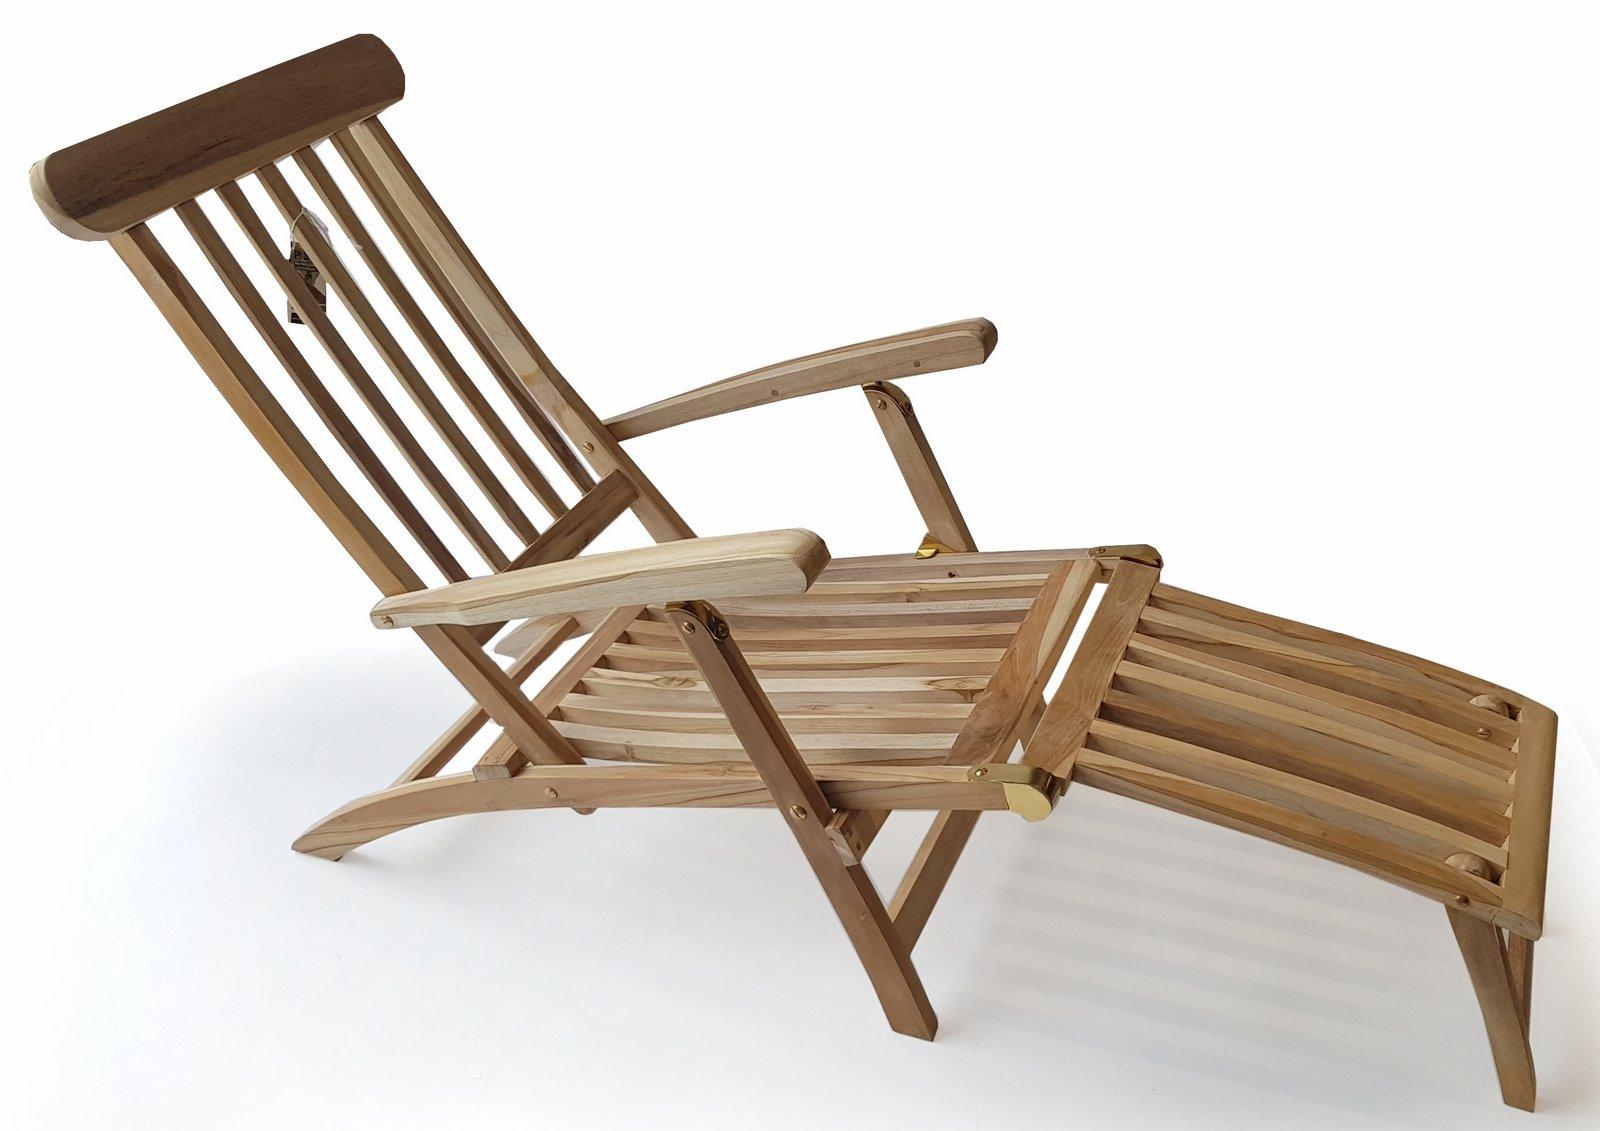 plo teak holz deckchair titanic liege stuhl sonnenliege 166x60x97cm. Black Bedroom Furniture Sets. Home Design Ideas